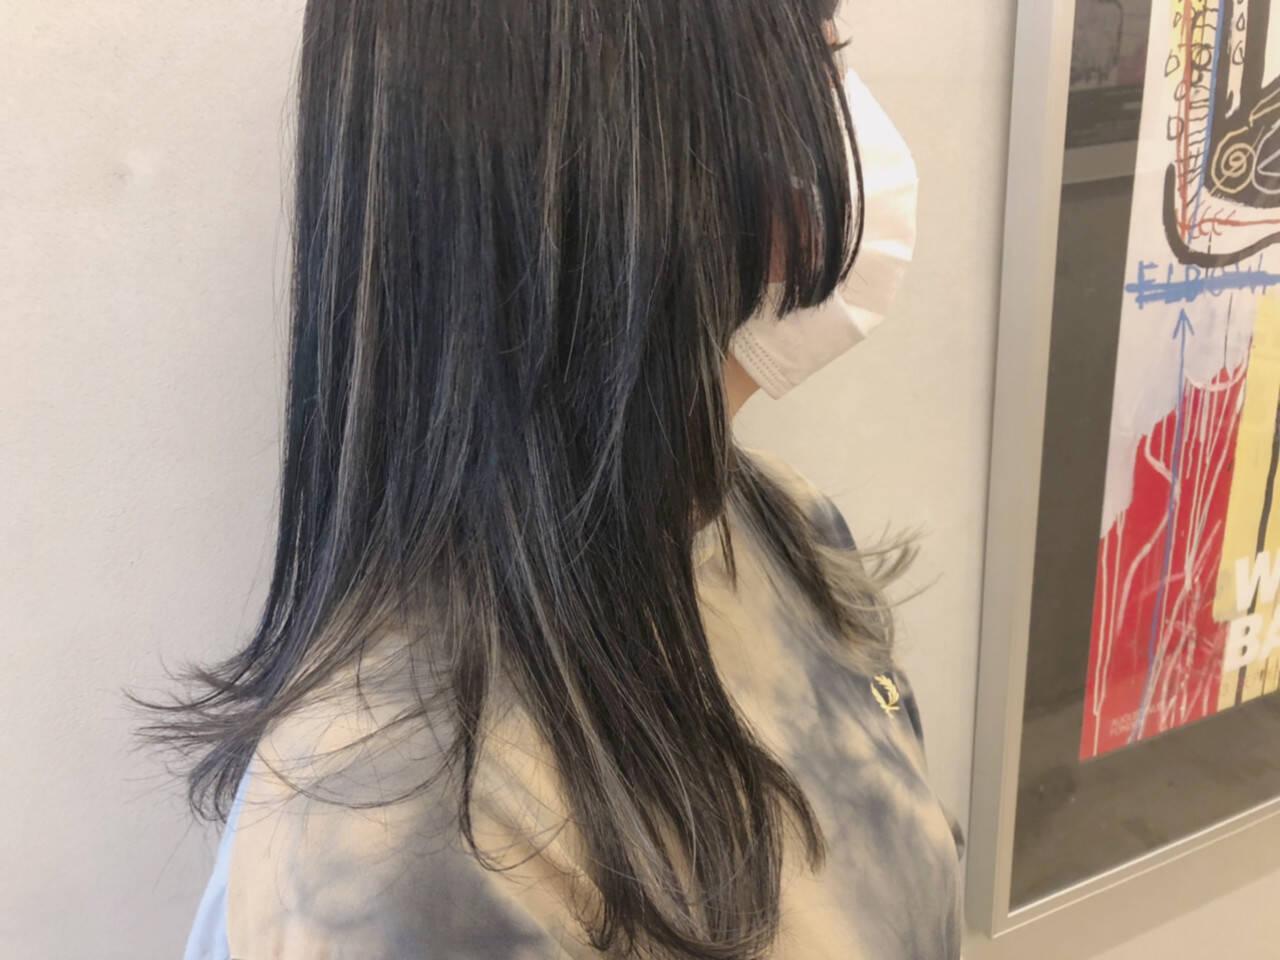 ナチュラル インナーカラーグレージュ ダブルカラー ハイライトヘアスタイルや髪型の写真・画像